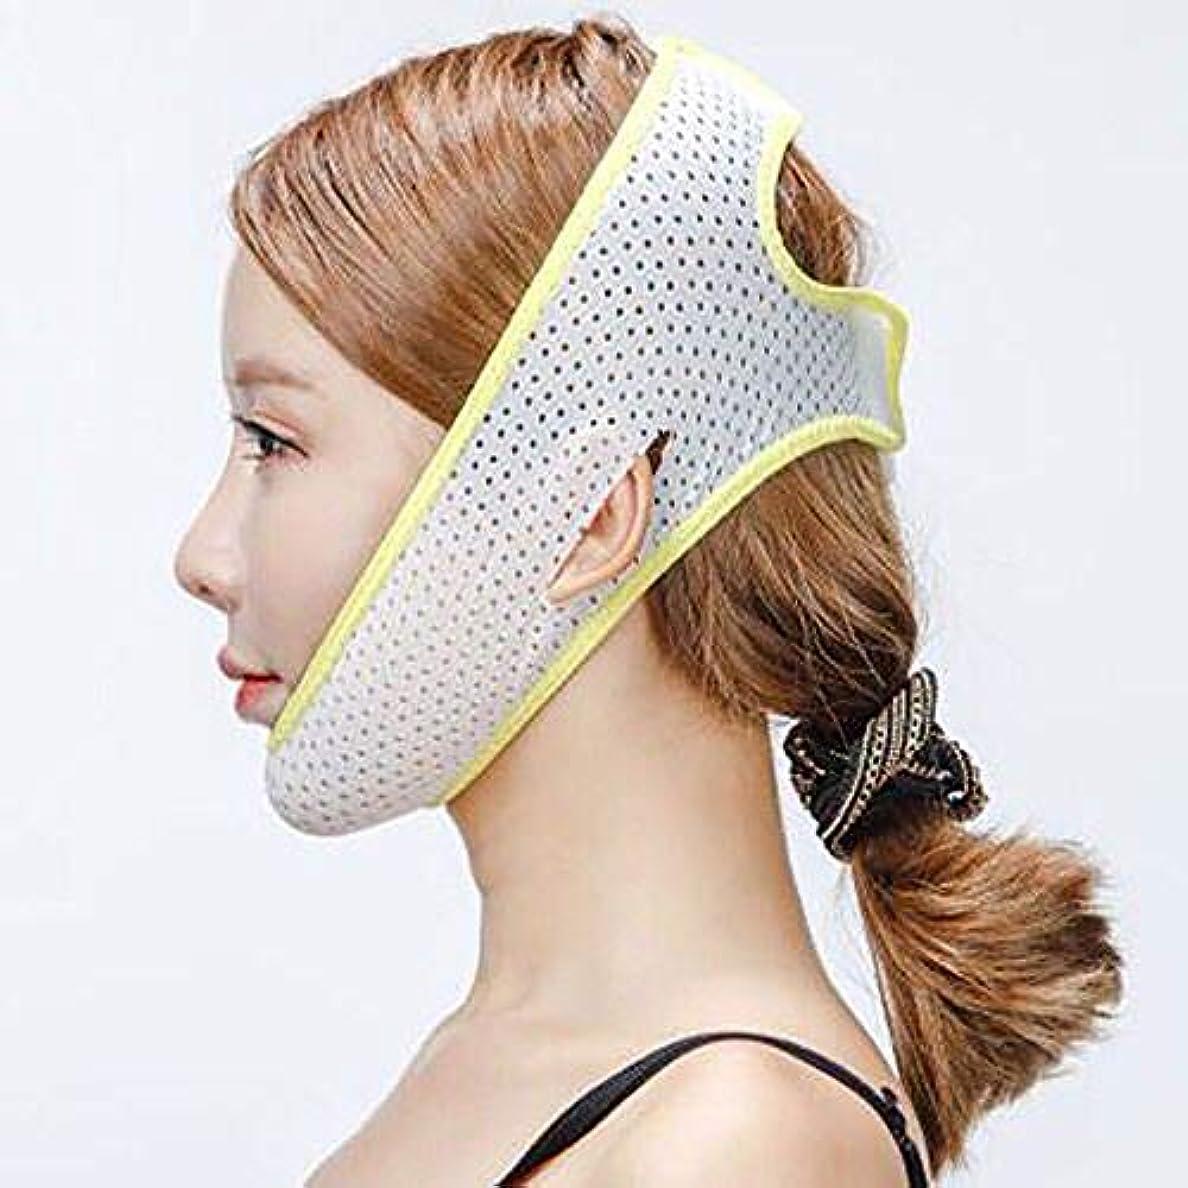 スキャンダル安いです先駆者Vフェイス包帯マスク、睡眠薄い顔アーティファクトフェイスリフトベルトライン彫刻回復包帯物理的な持ち上がる二重あごツール,Yellow